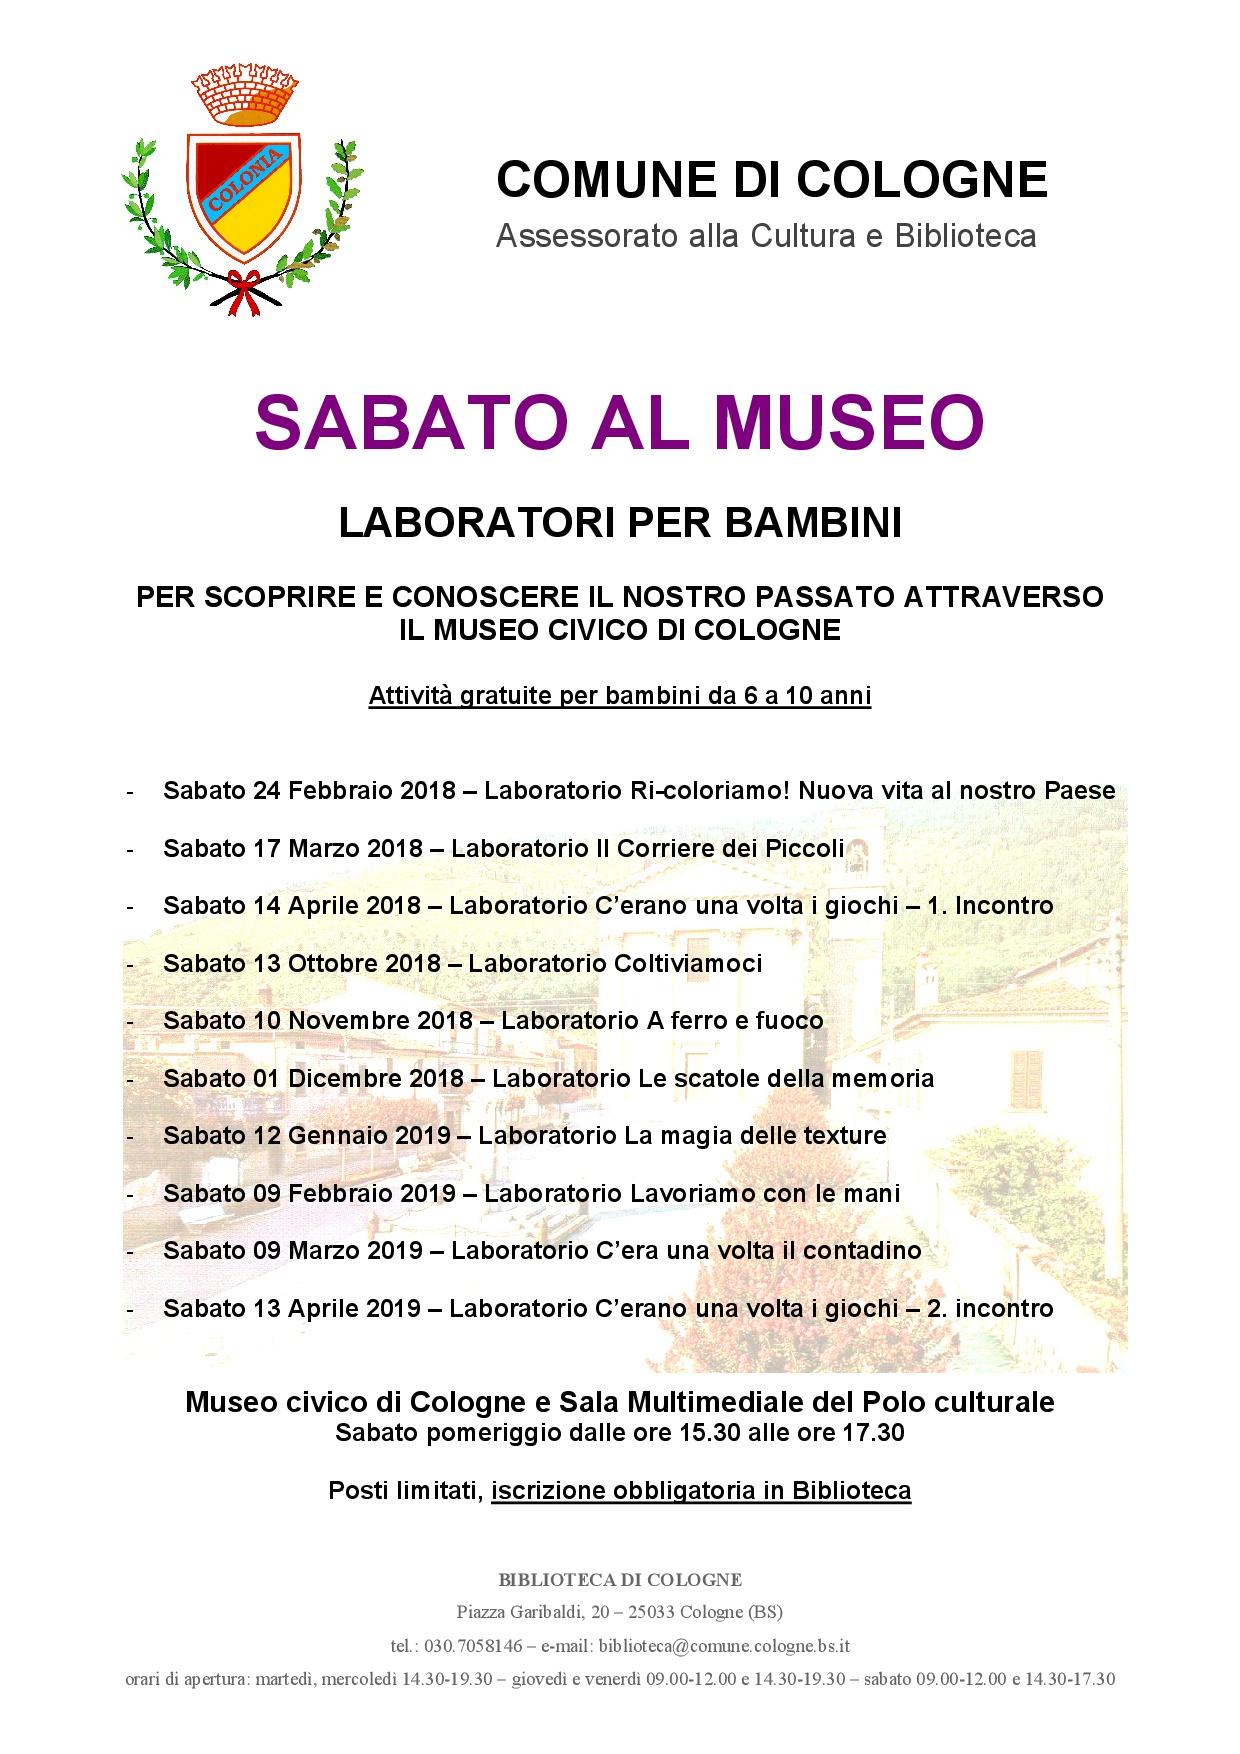 Sabato al museo rete bibliotecaria bresciana e cremonese for Biblioteca cologne